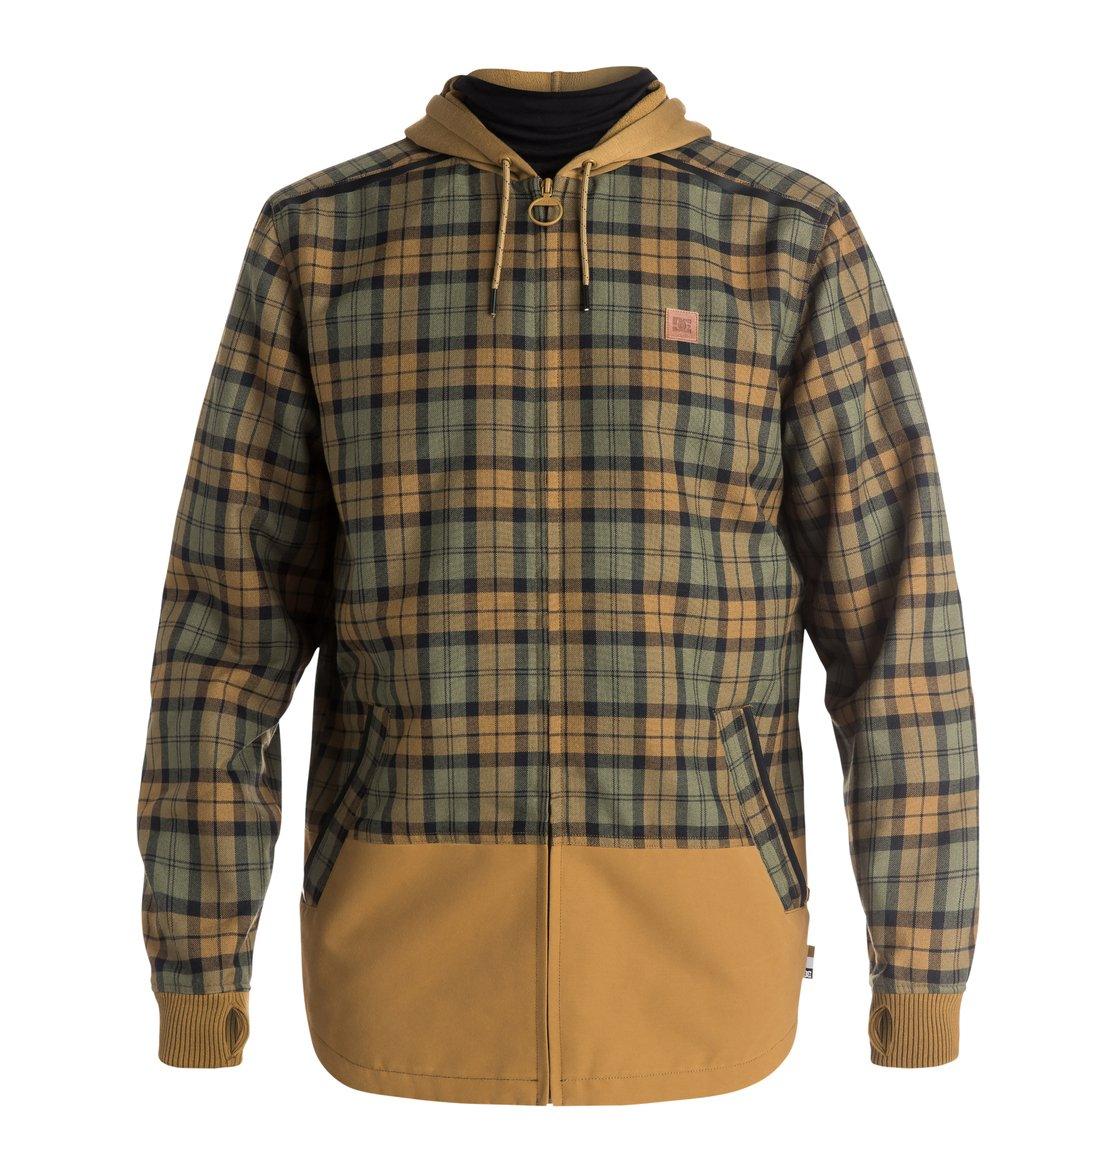 Катальная рубашка Backwoods Flannel